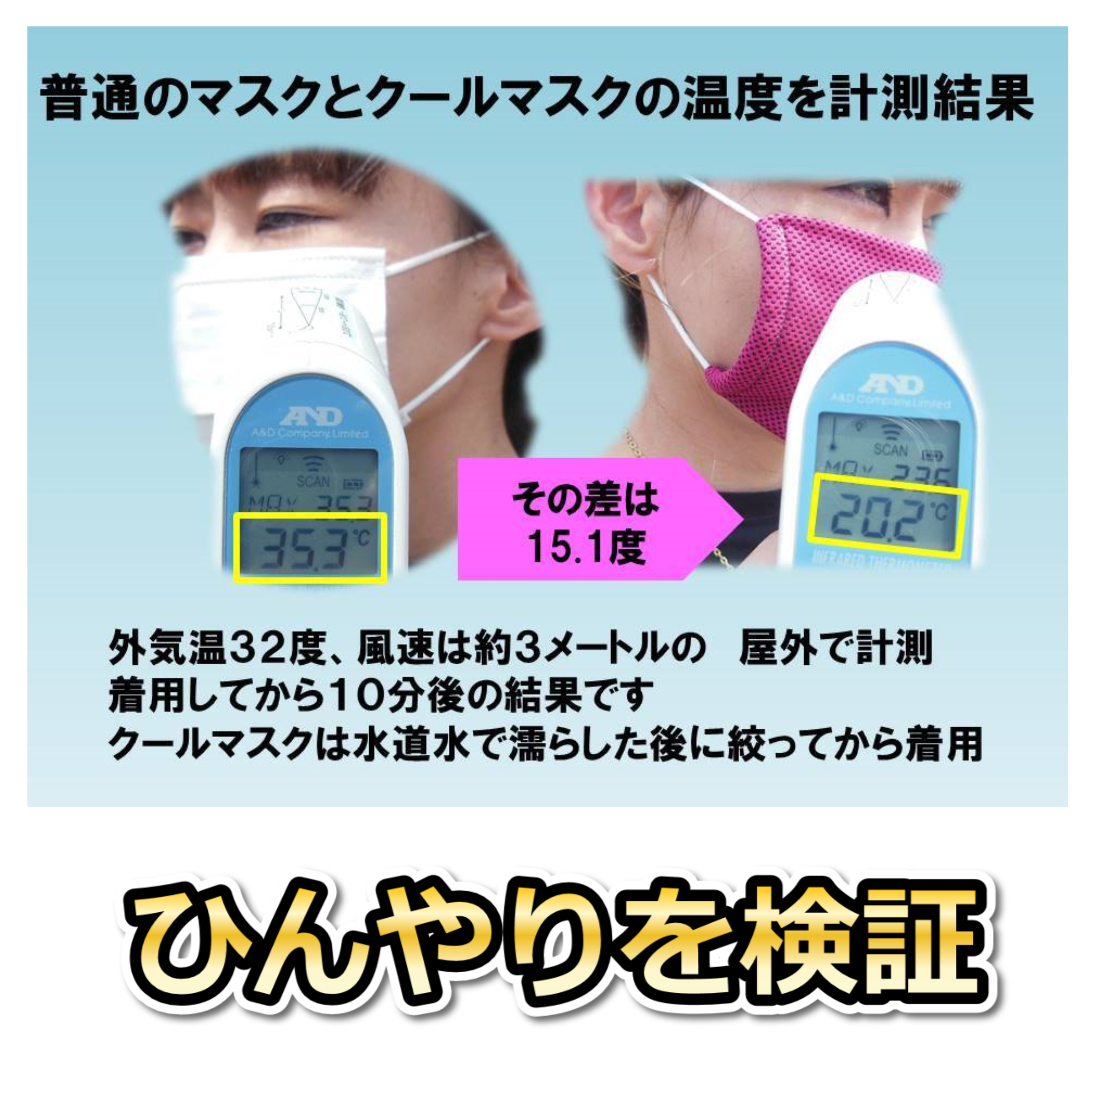 f:id:KAMP-Yokohama:20200705185753j:plain